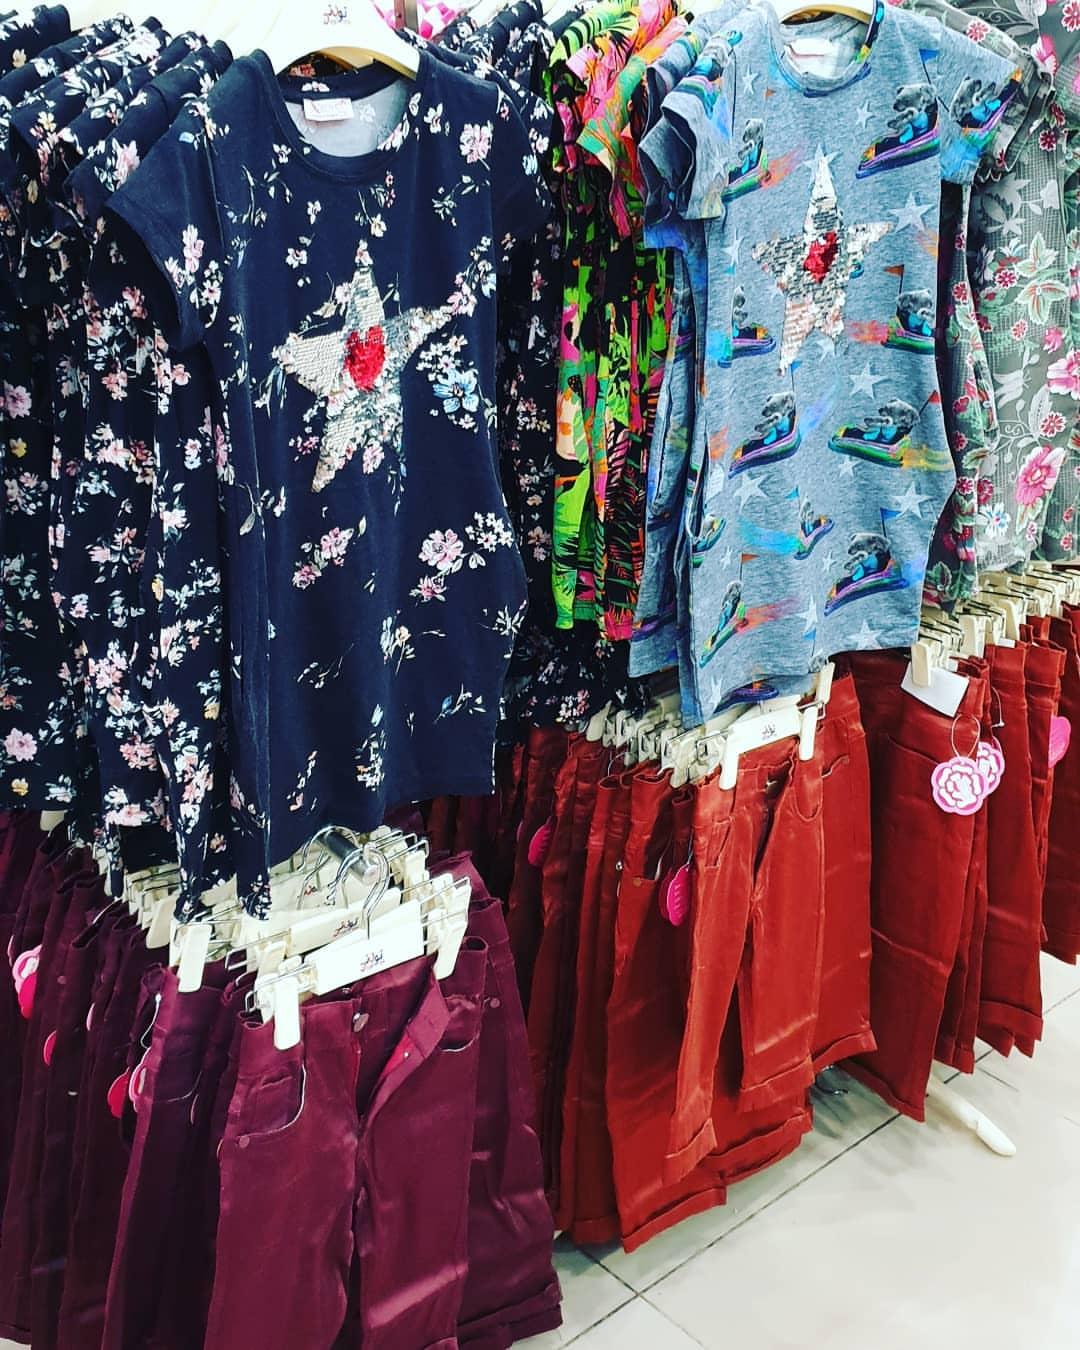 ملابس توب تن بالصور تشكيلة جديدة من الملابس في توب تن كلام حب